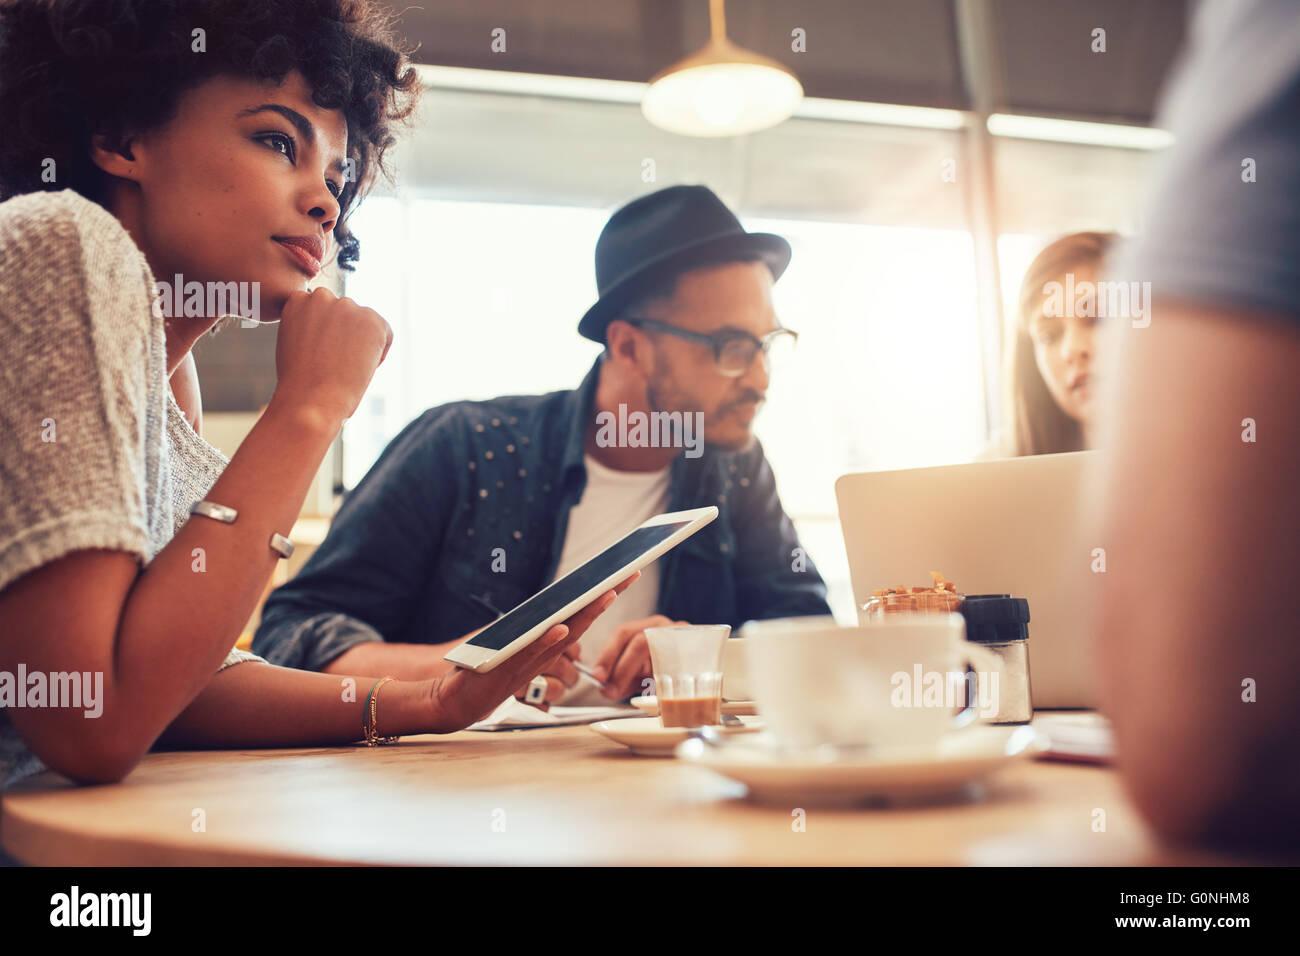 Close Up retrato de mujer africana con la tableta digital y personas de antecedentes en una mesita de café. Imagen De Stock